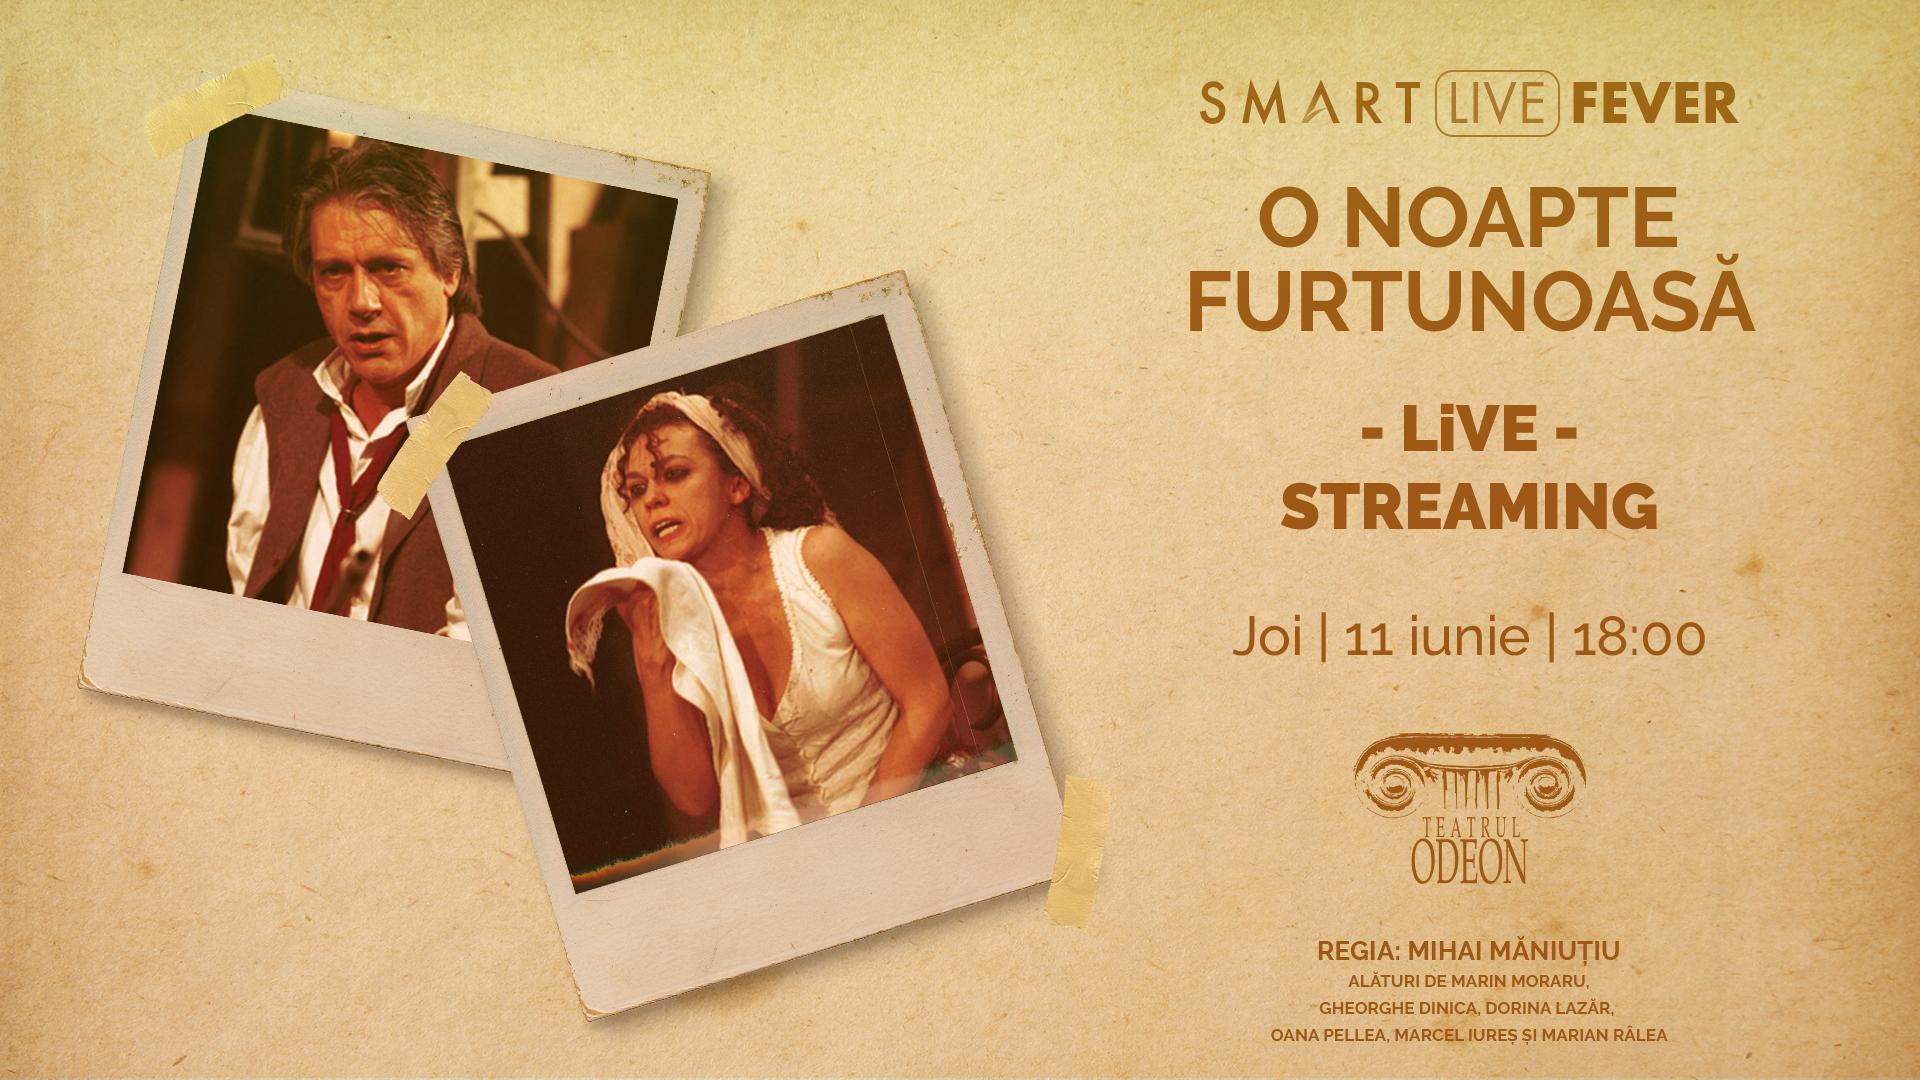 """Teatru online: """"O noapte furtunoasă"""", de la Teatrul Odeon, streaming live de la ora 18:00"""